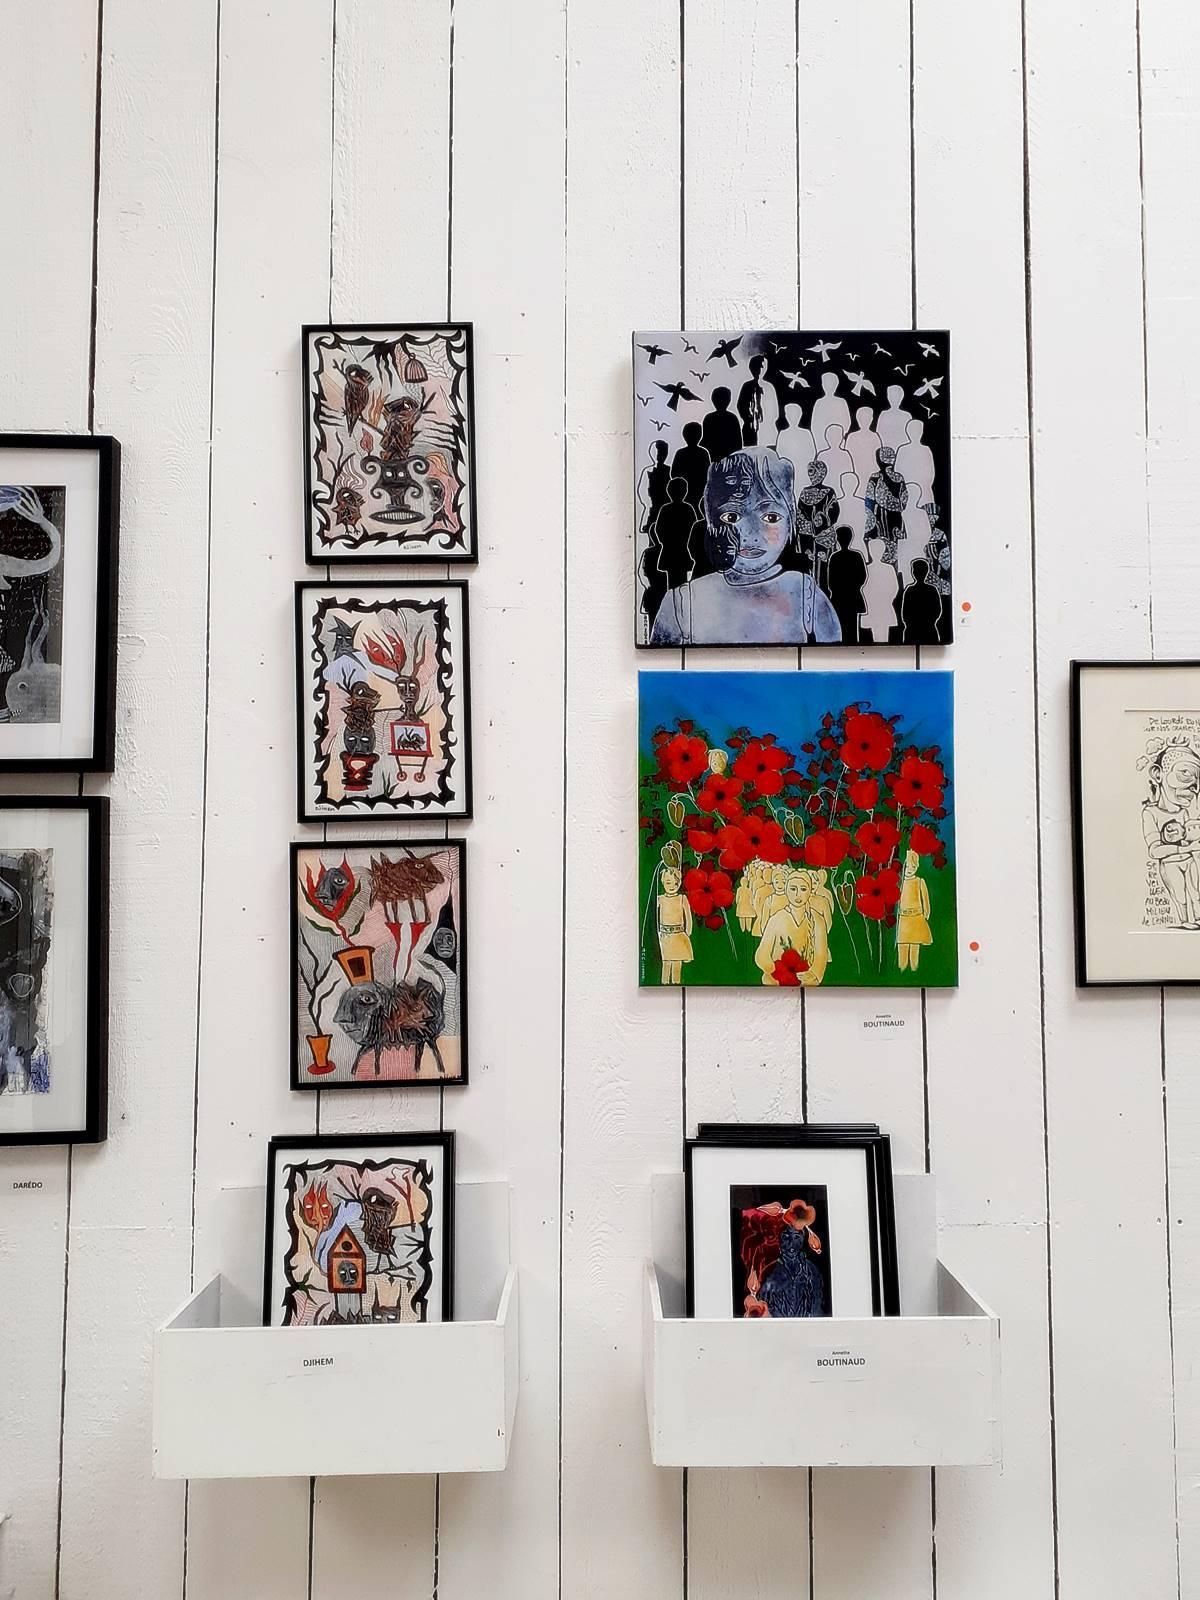 Hang art saffre loire atlantique musee20200613 132117